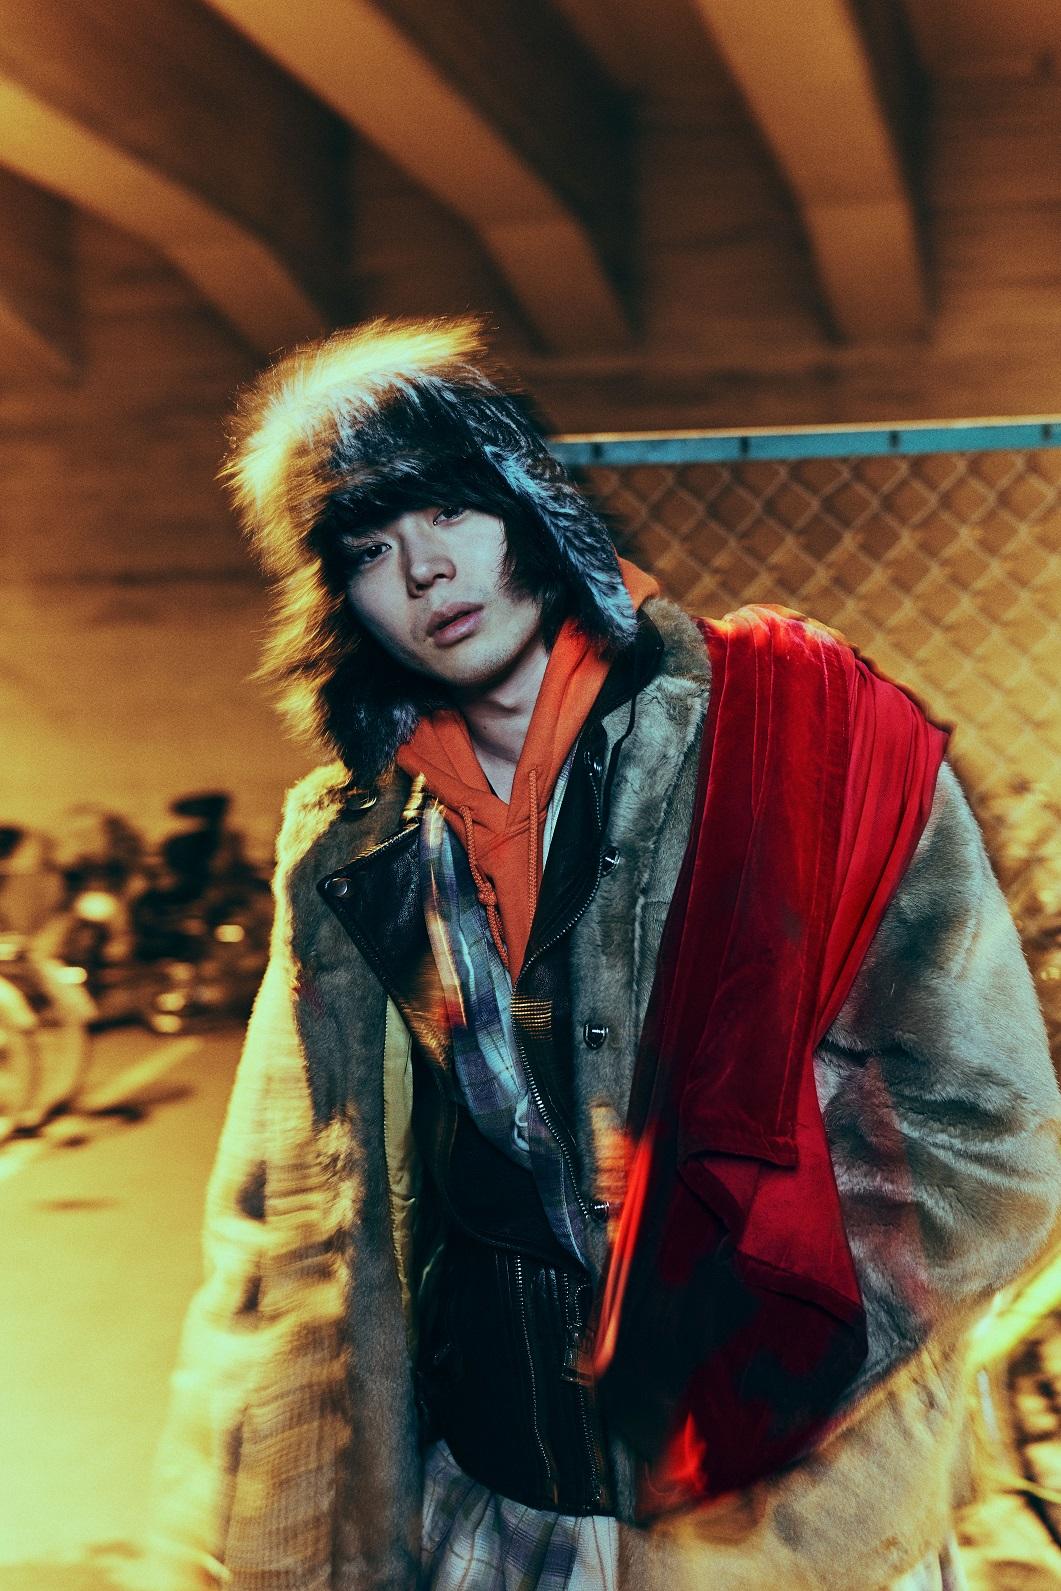 菅田将暉、クリスマスイブを一緒に過ごしたメンバー明かし「メンバー豪華」「まさかの…」サムネイル画像